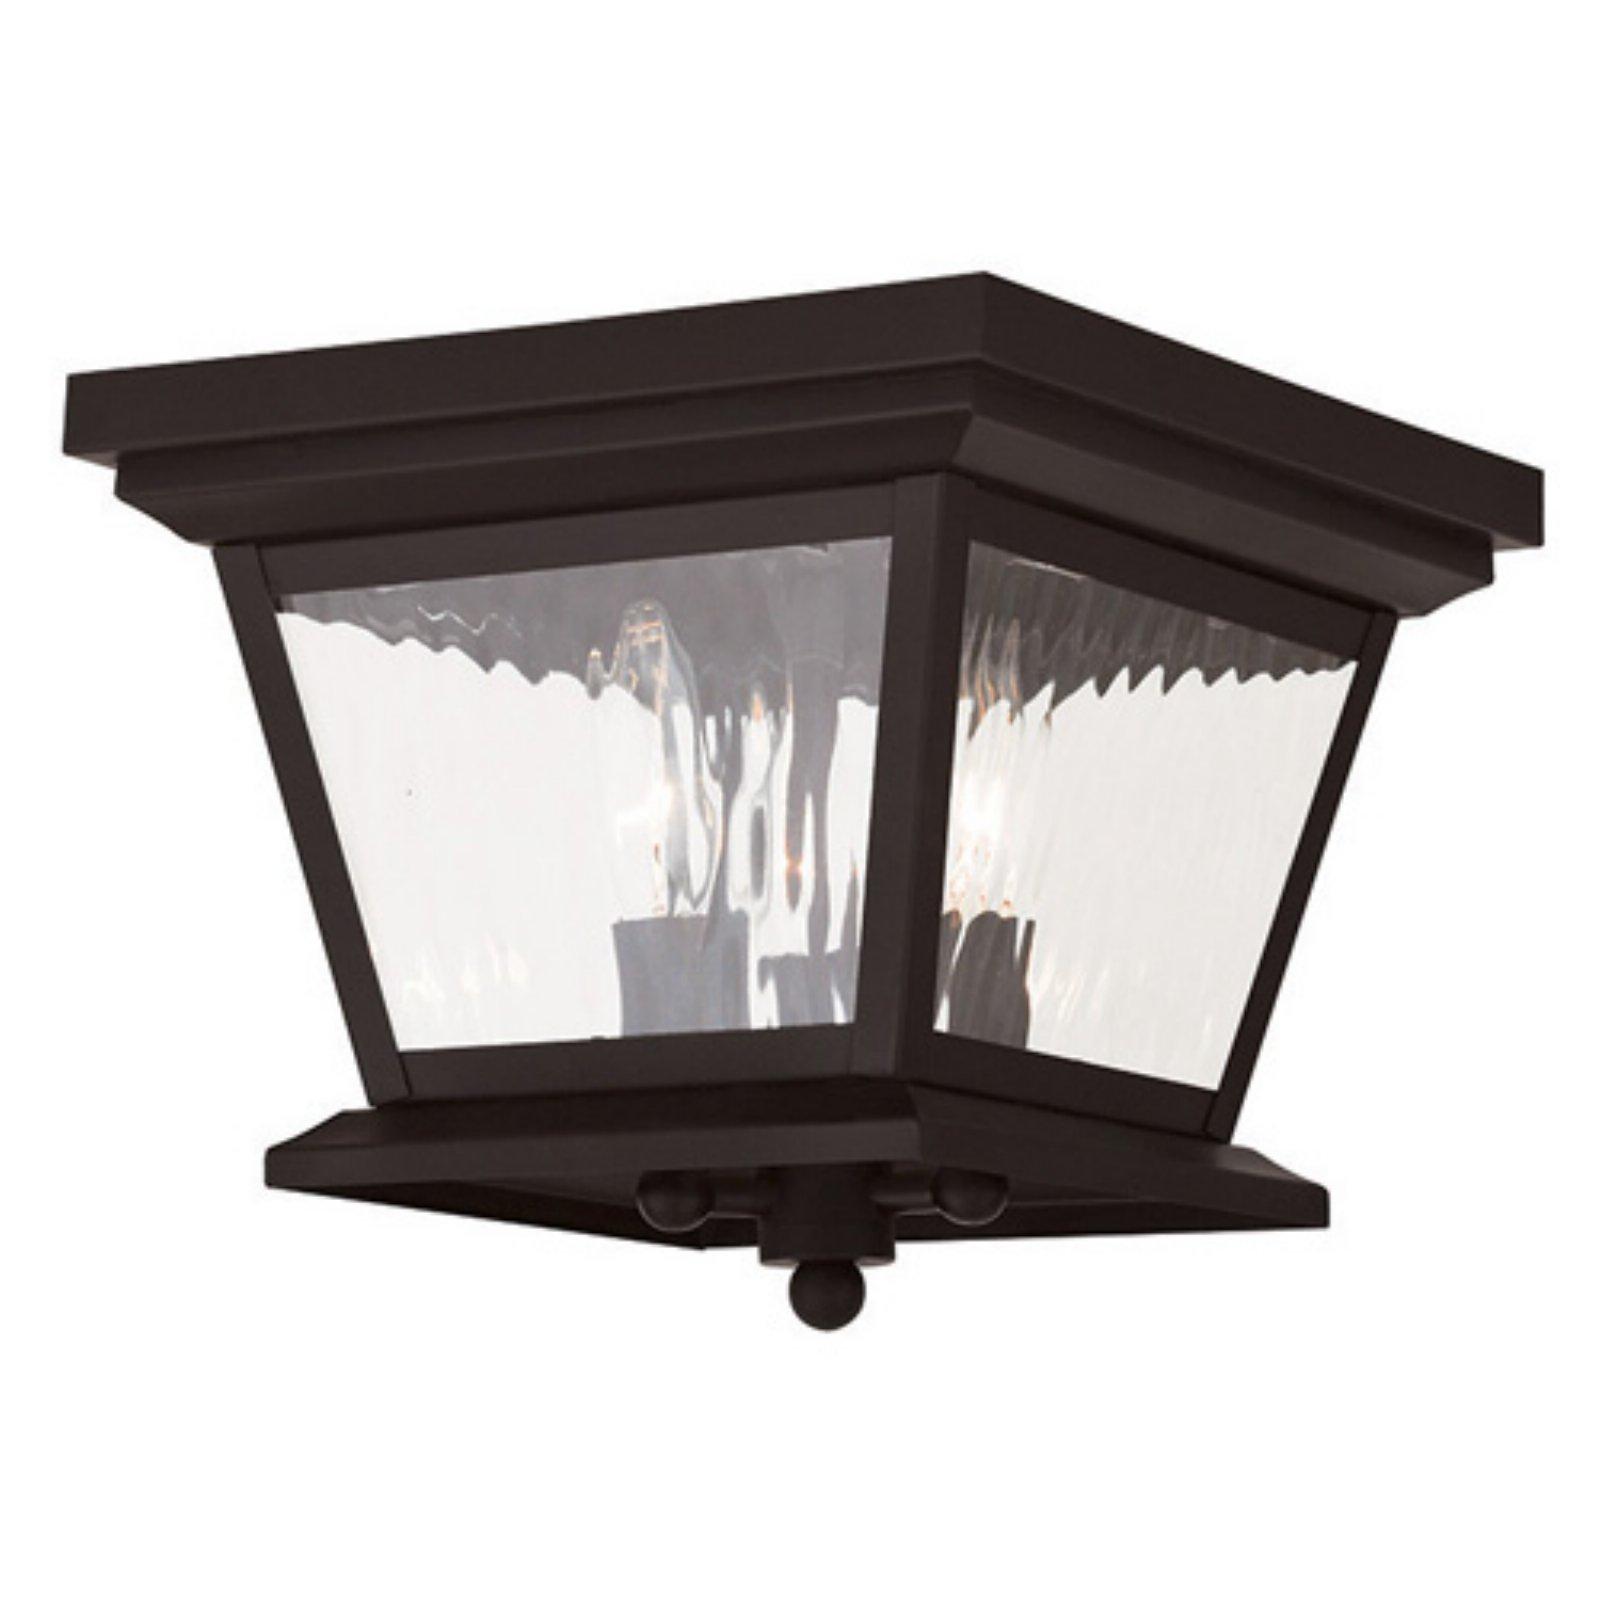 Livex Lighting Hathaway 20239 Outdoor Ceiling Lights